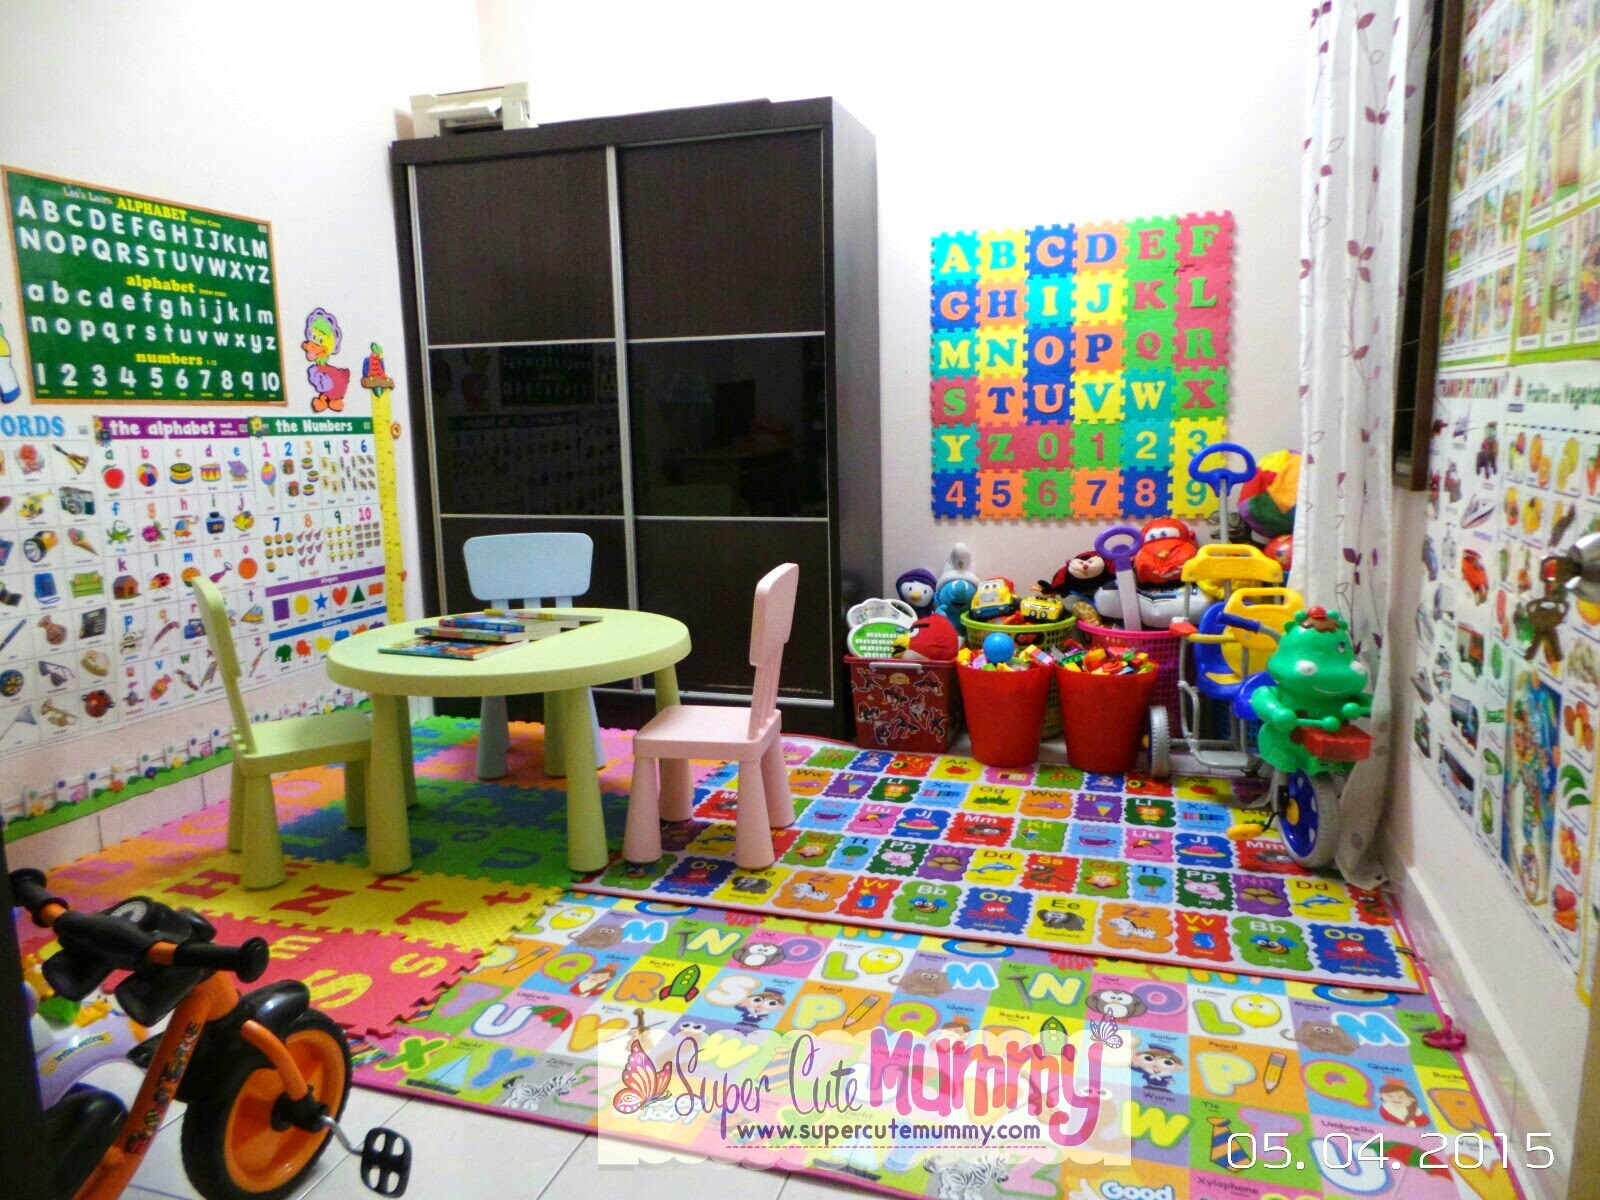 Yeayyyy inilah wajah baru bilik mainan anak anak aku yang aku ubah lebih kepada bilik belajar dan bilik mainan sebenarnya